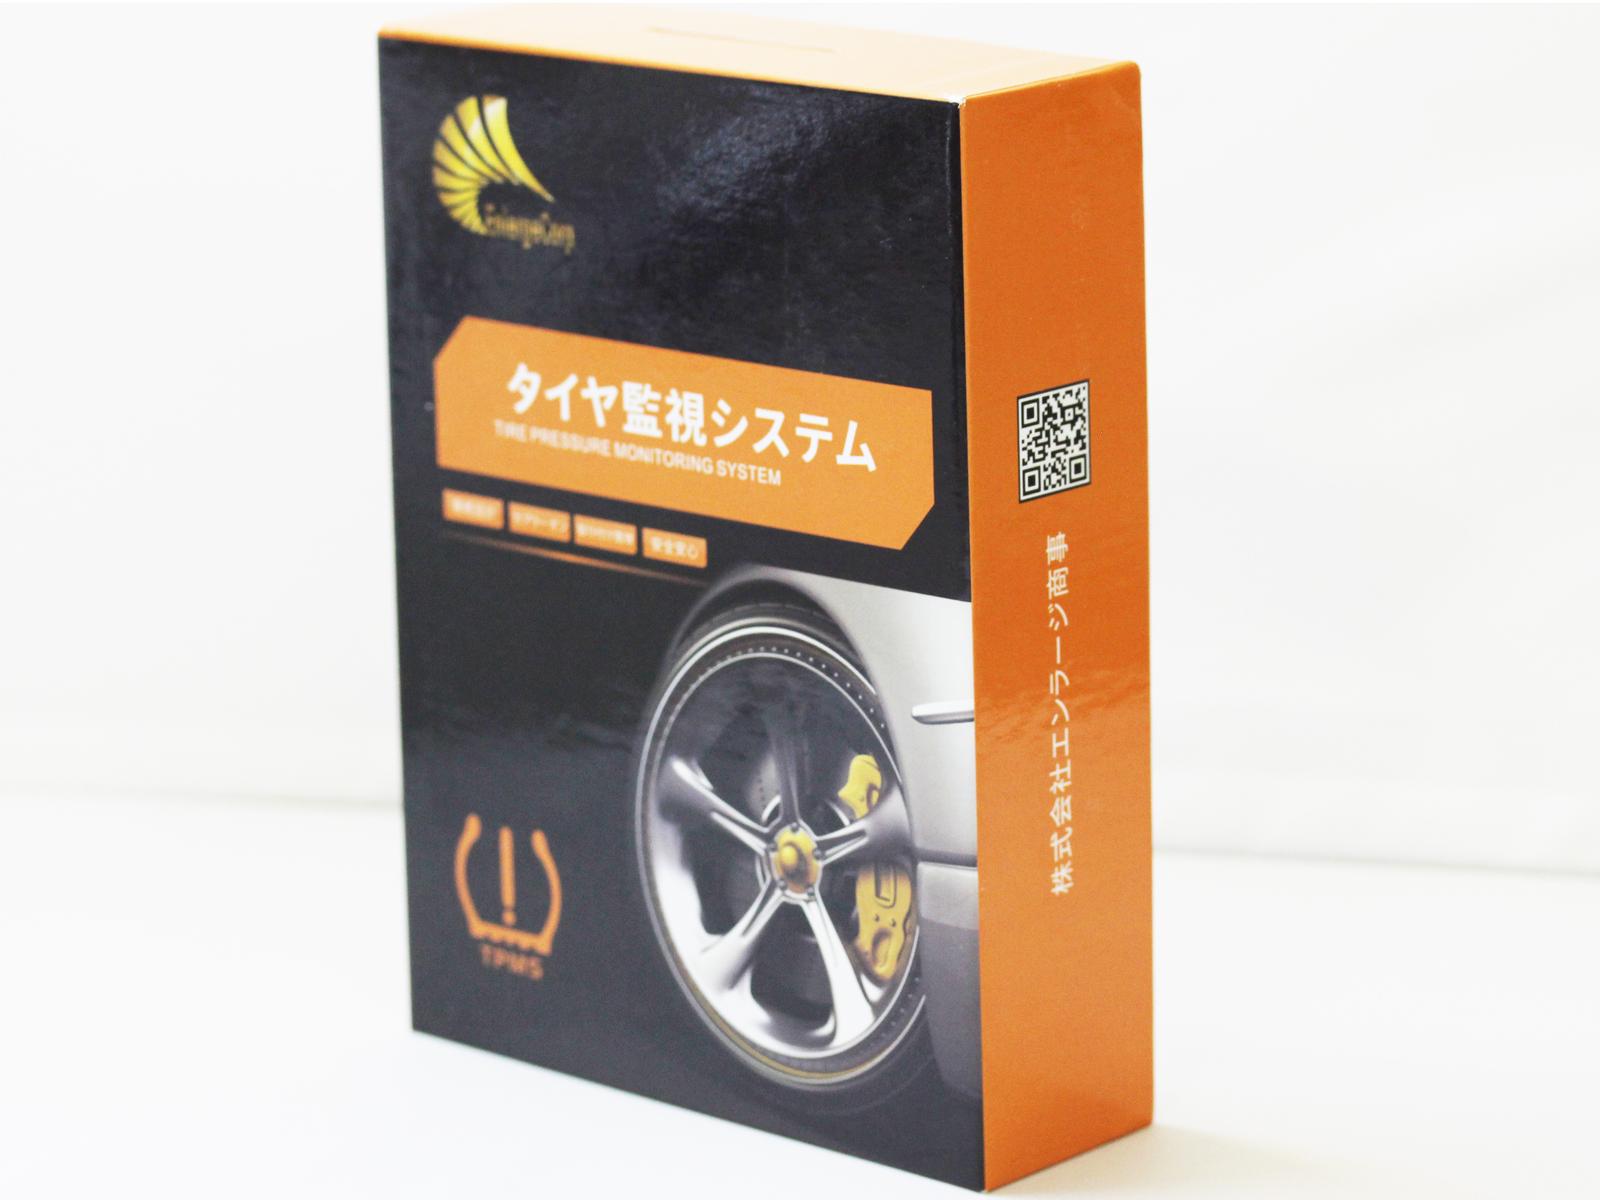 日産 セレナ C27 ニスモ等 専用 TPMS ワイヤレス タイヤ空気圧監視警報システム マルチインフォメーションディスプレイモニタリングシステム (e-powerは使用不可)